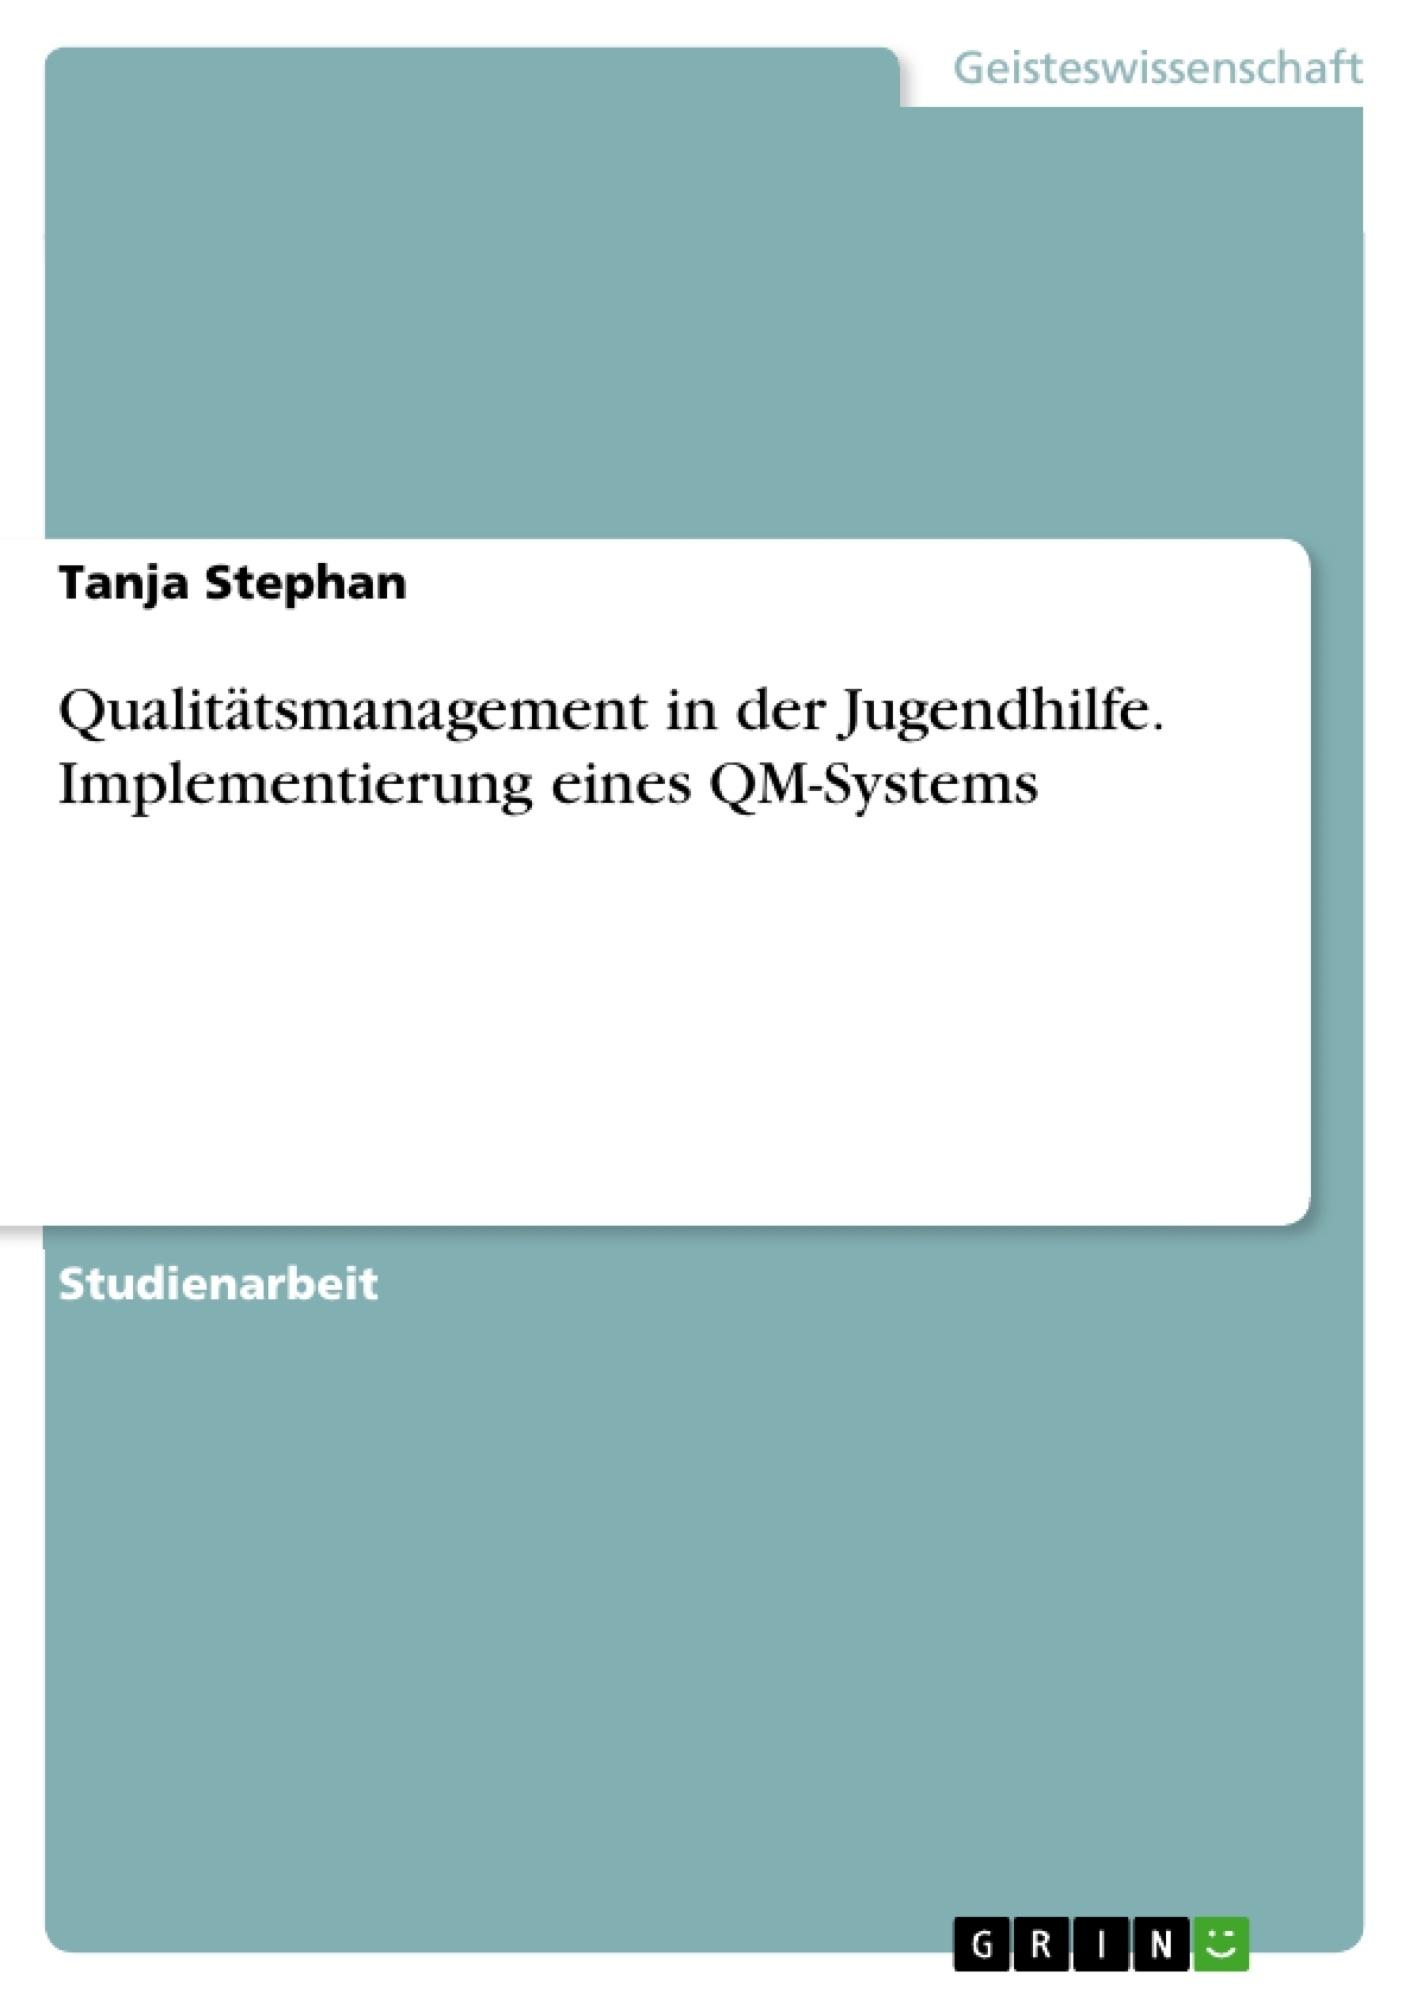 Titel: Qualitätsmanagement in der Jugendhilfe. Implementierung eines QM-Systems